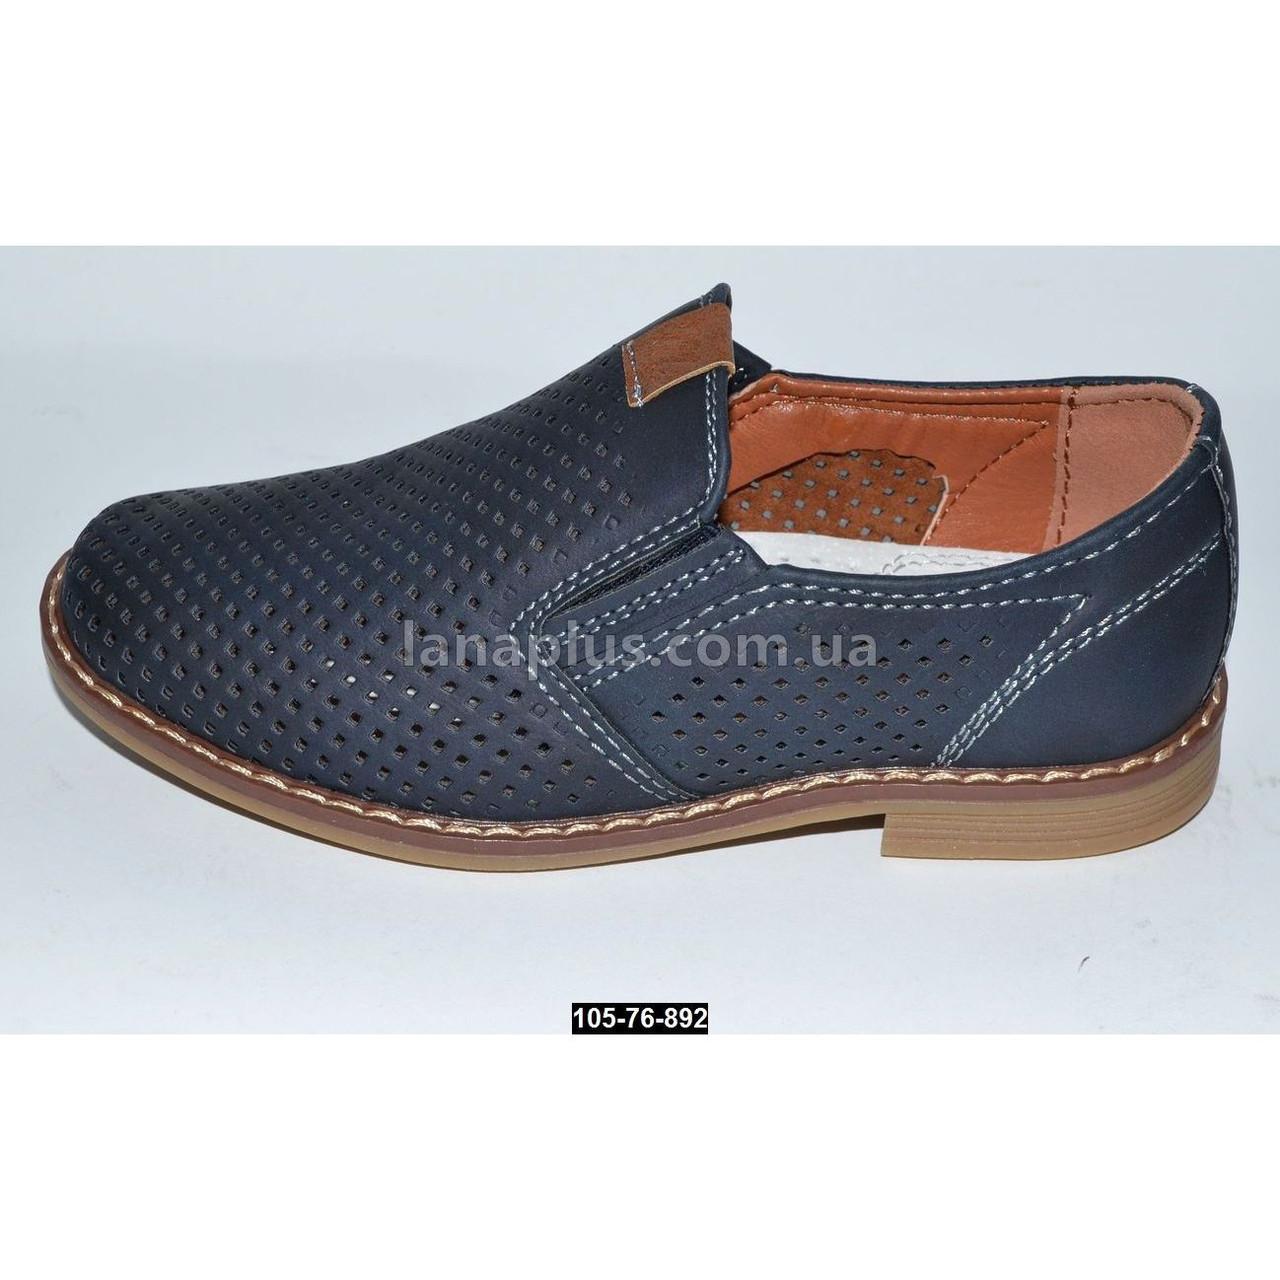 Летние туфли для мальчика, 30 размер (20 см), супинатор, кожаная стелька